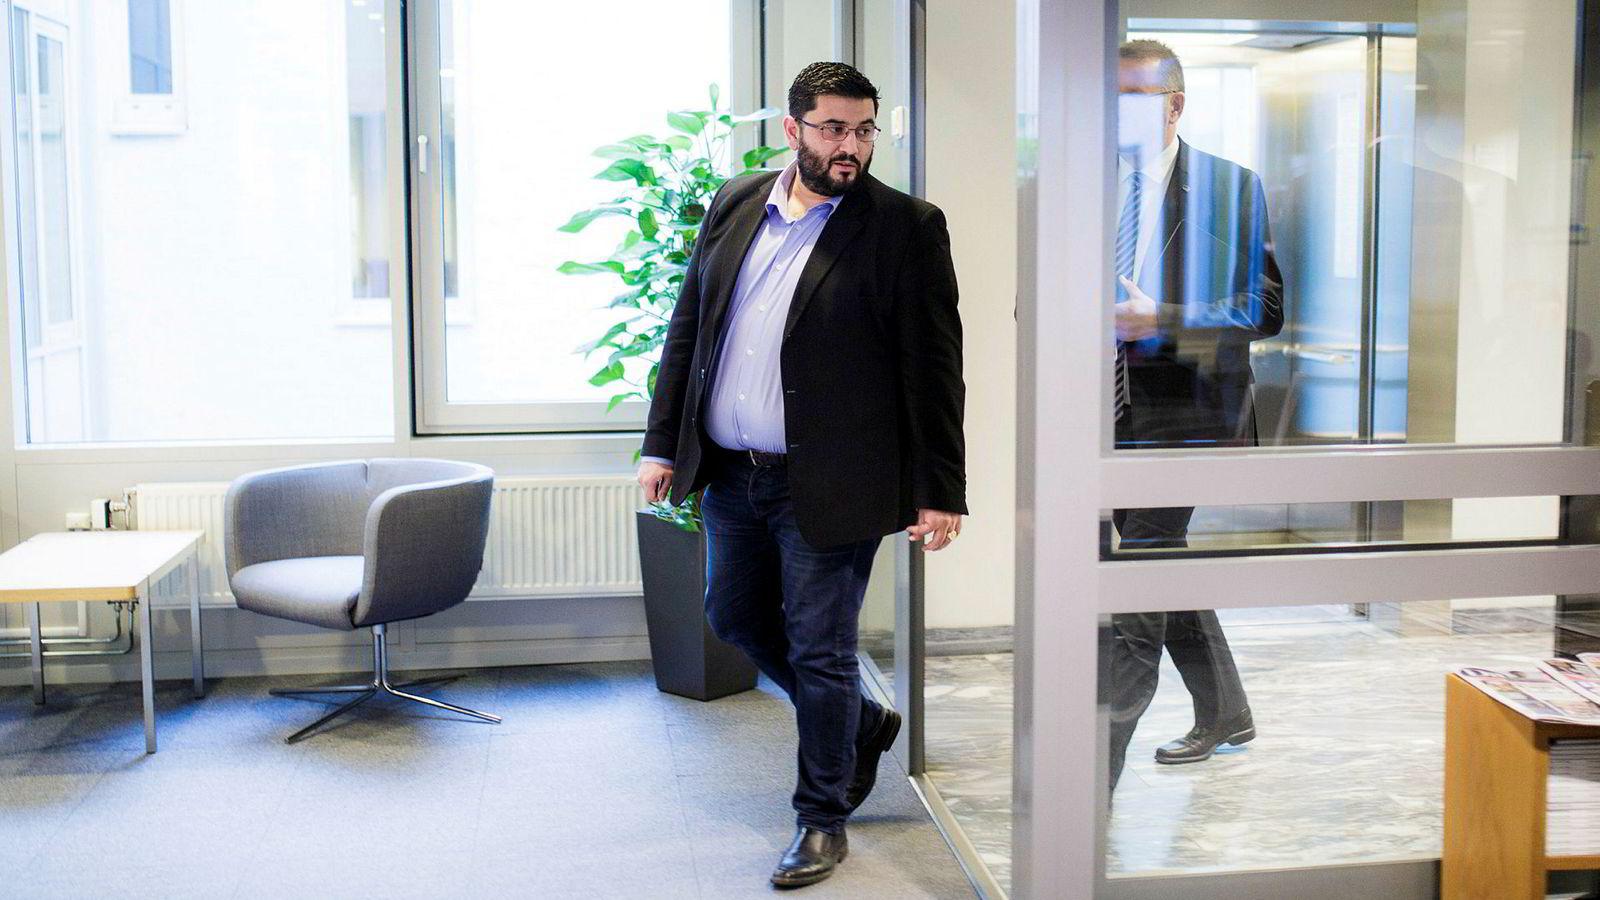 Politiet har avsluttet etterforskningen av bedragerisaken mot Frp-politiker Mazyar Keshvari.